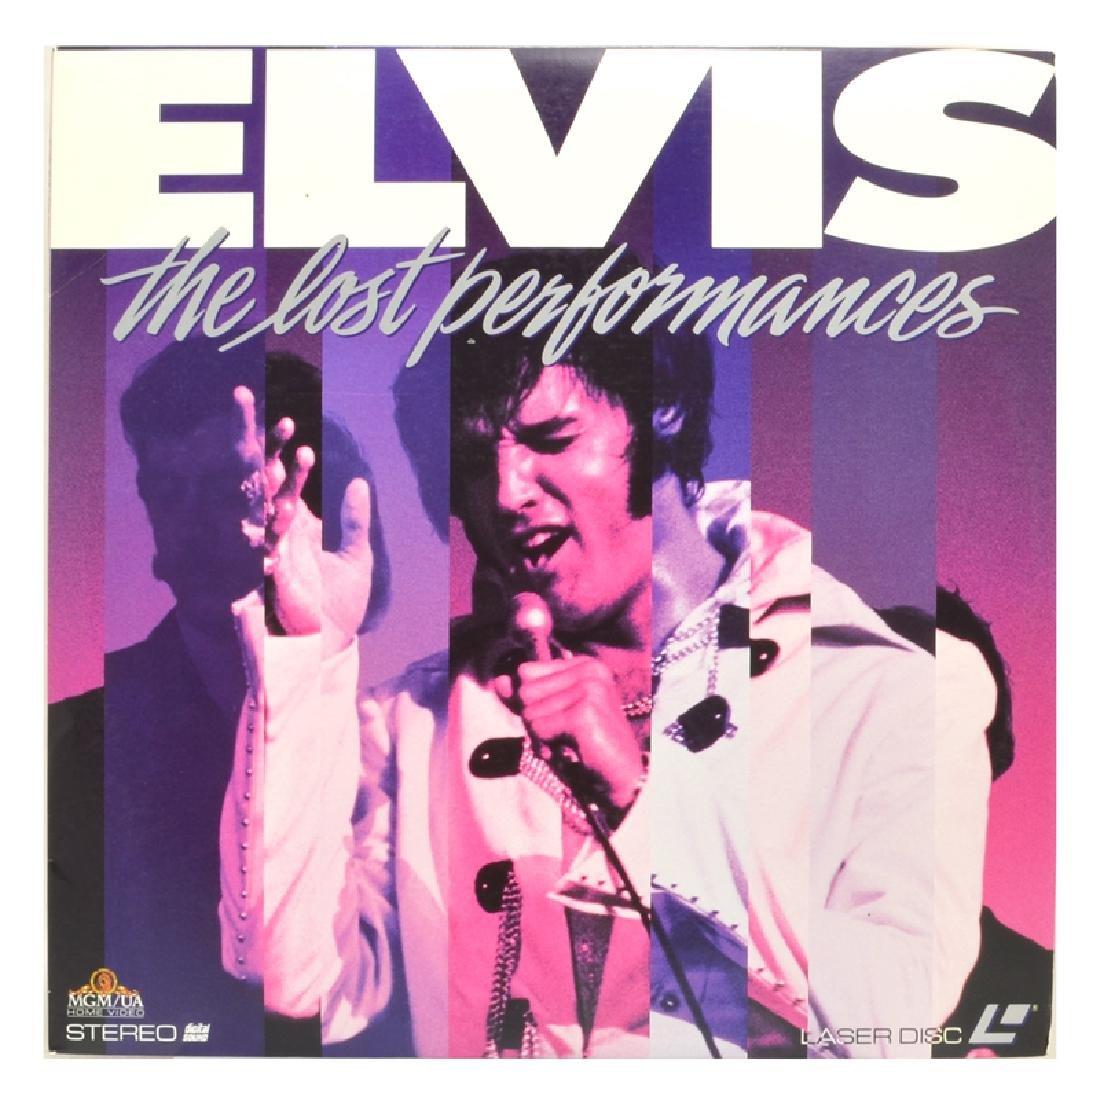 Rare Original Vintage Laser Disc 'Elvis The Lost